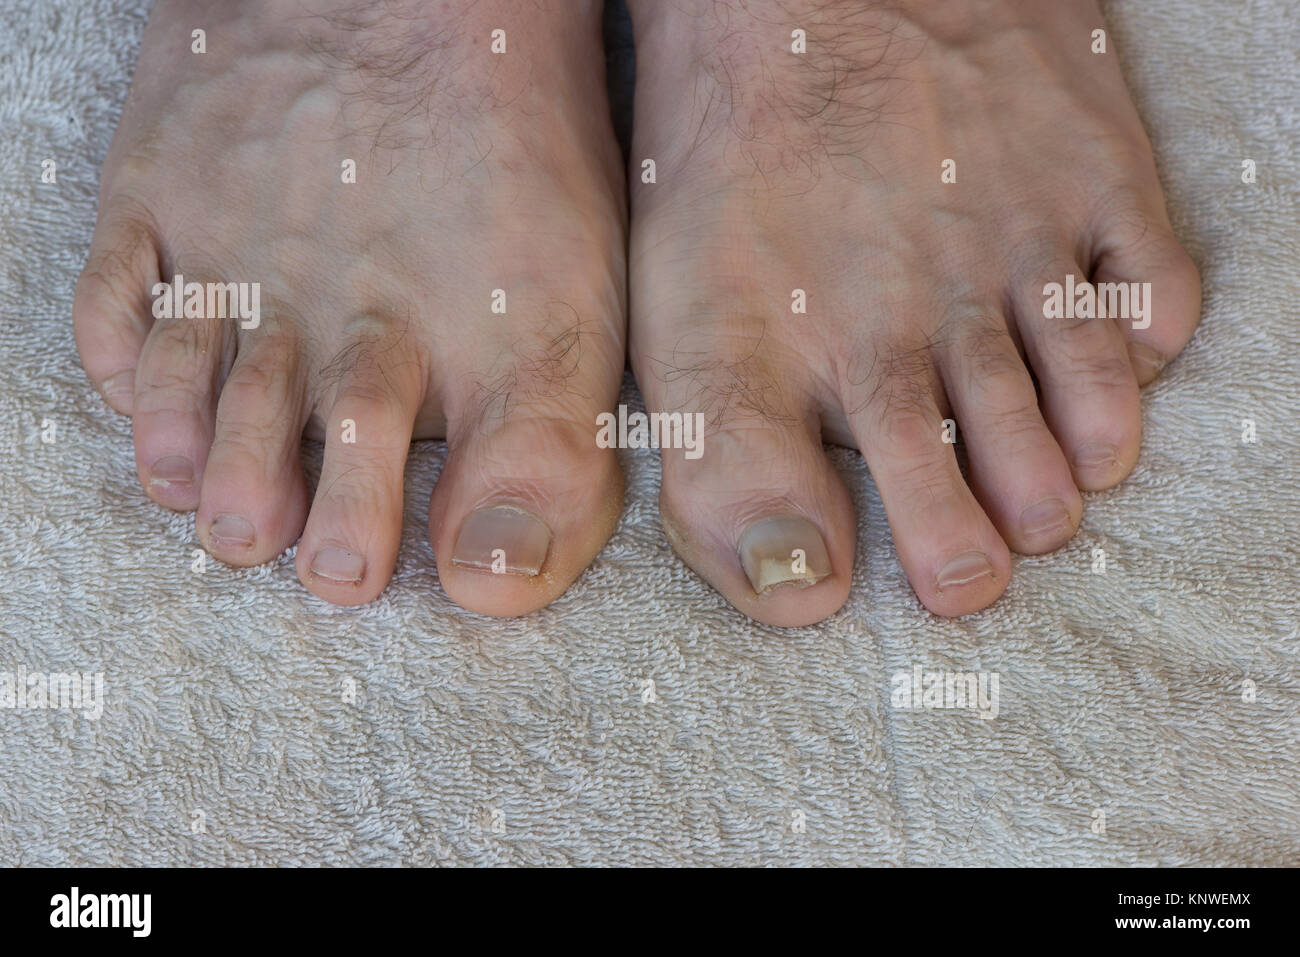 Trauma Verletzung durch dicht schließende Sport Schuhe die ...